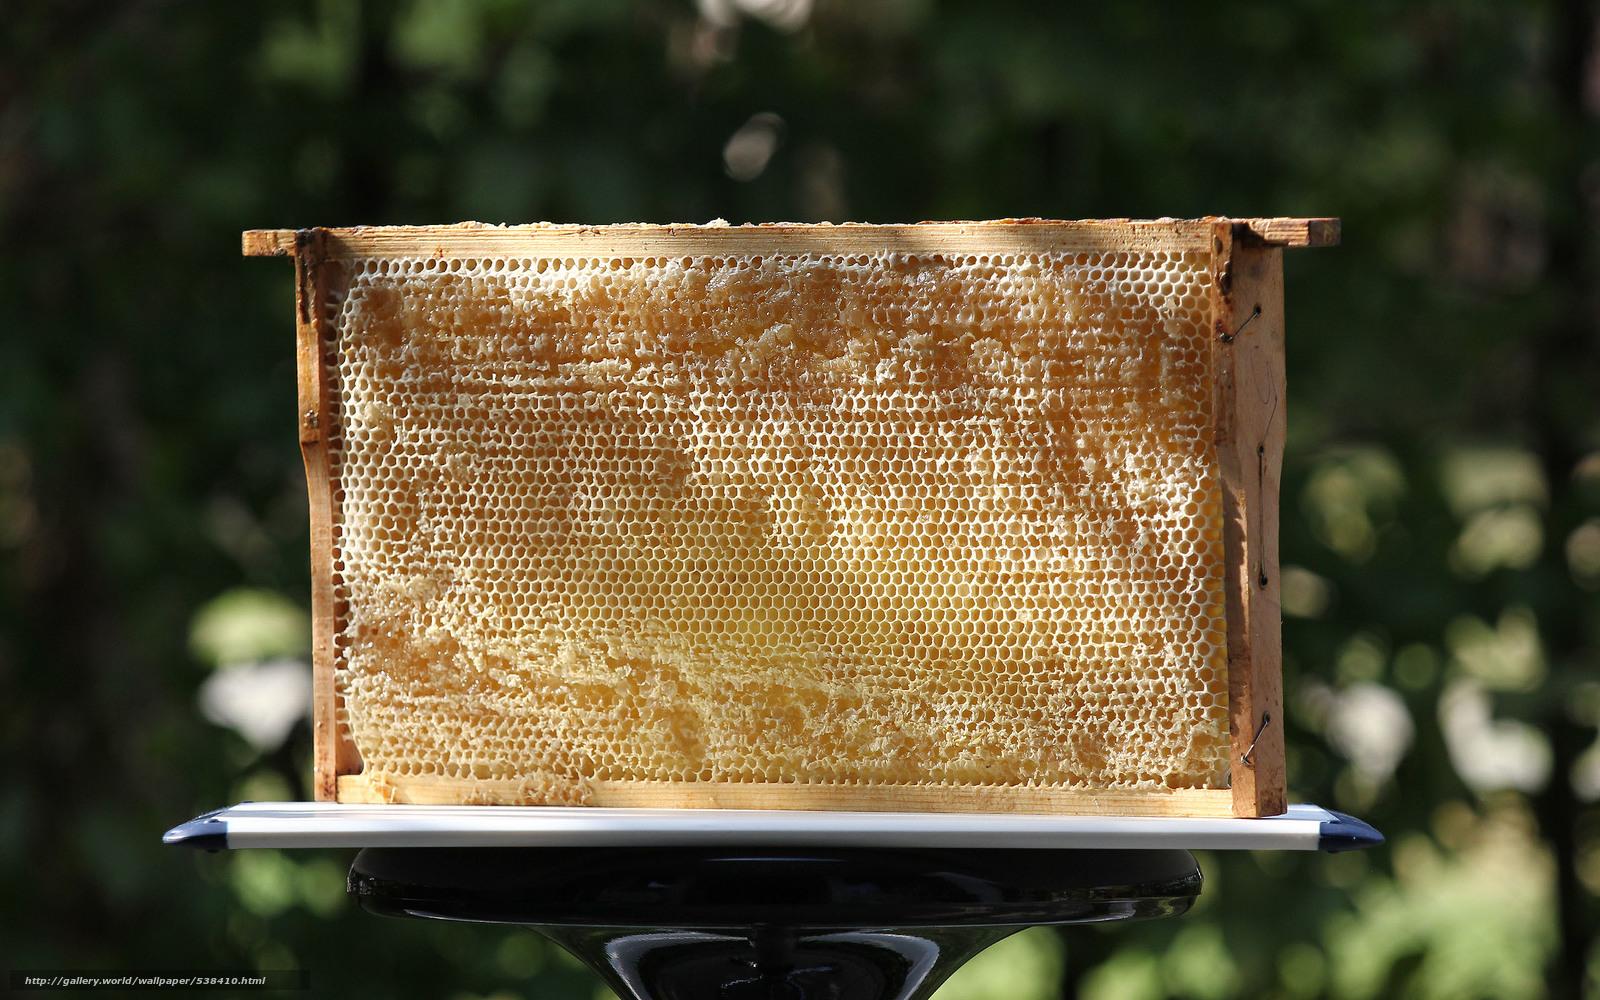 壁紙をダウンロード 蜂蜜,  ハニカム,  甘く デスクトップの解像度のための無料壁紙 2560x1600 — 絵 №538410